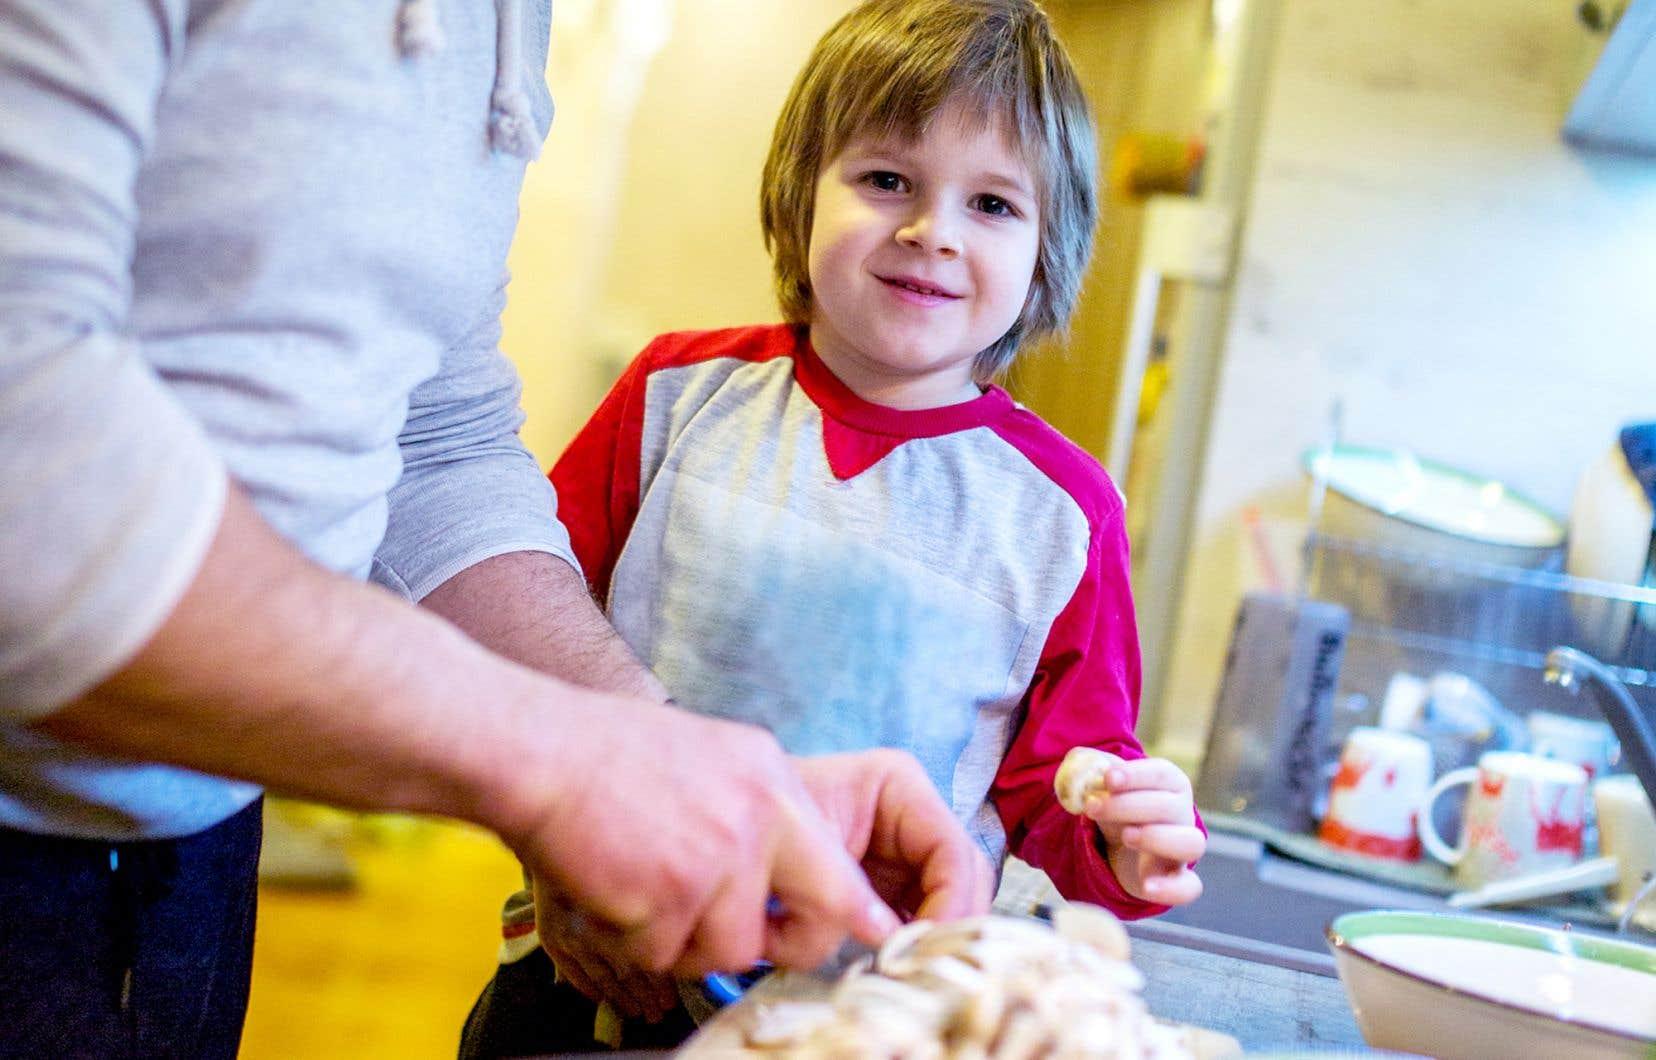 Mettre la main à la pâte permet de nous éloigner des aliments transformés, qui représentent près de la moitié des calories ingérées par les Canadiens. C'est aussi une occasion en or de transmettre nos connaissances culinaires aux enfants, qui sont en pleine découverte des aliments.